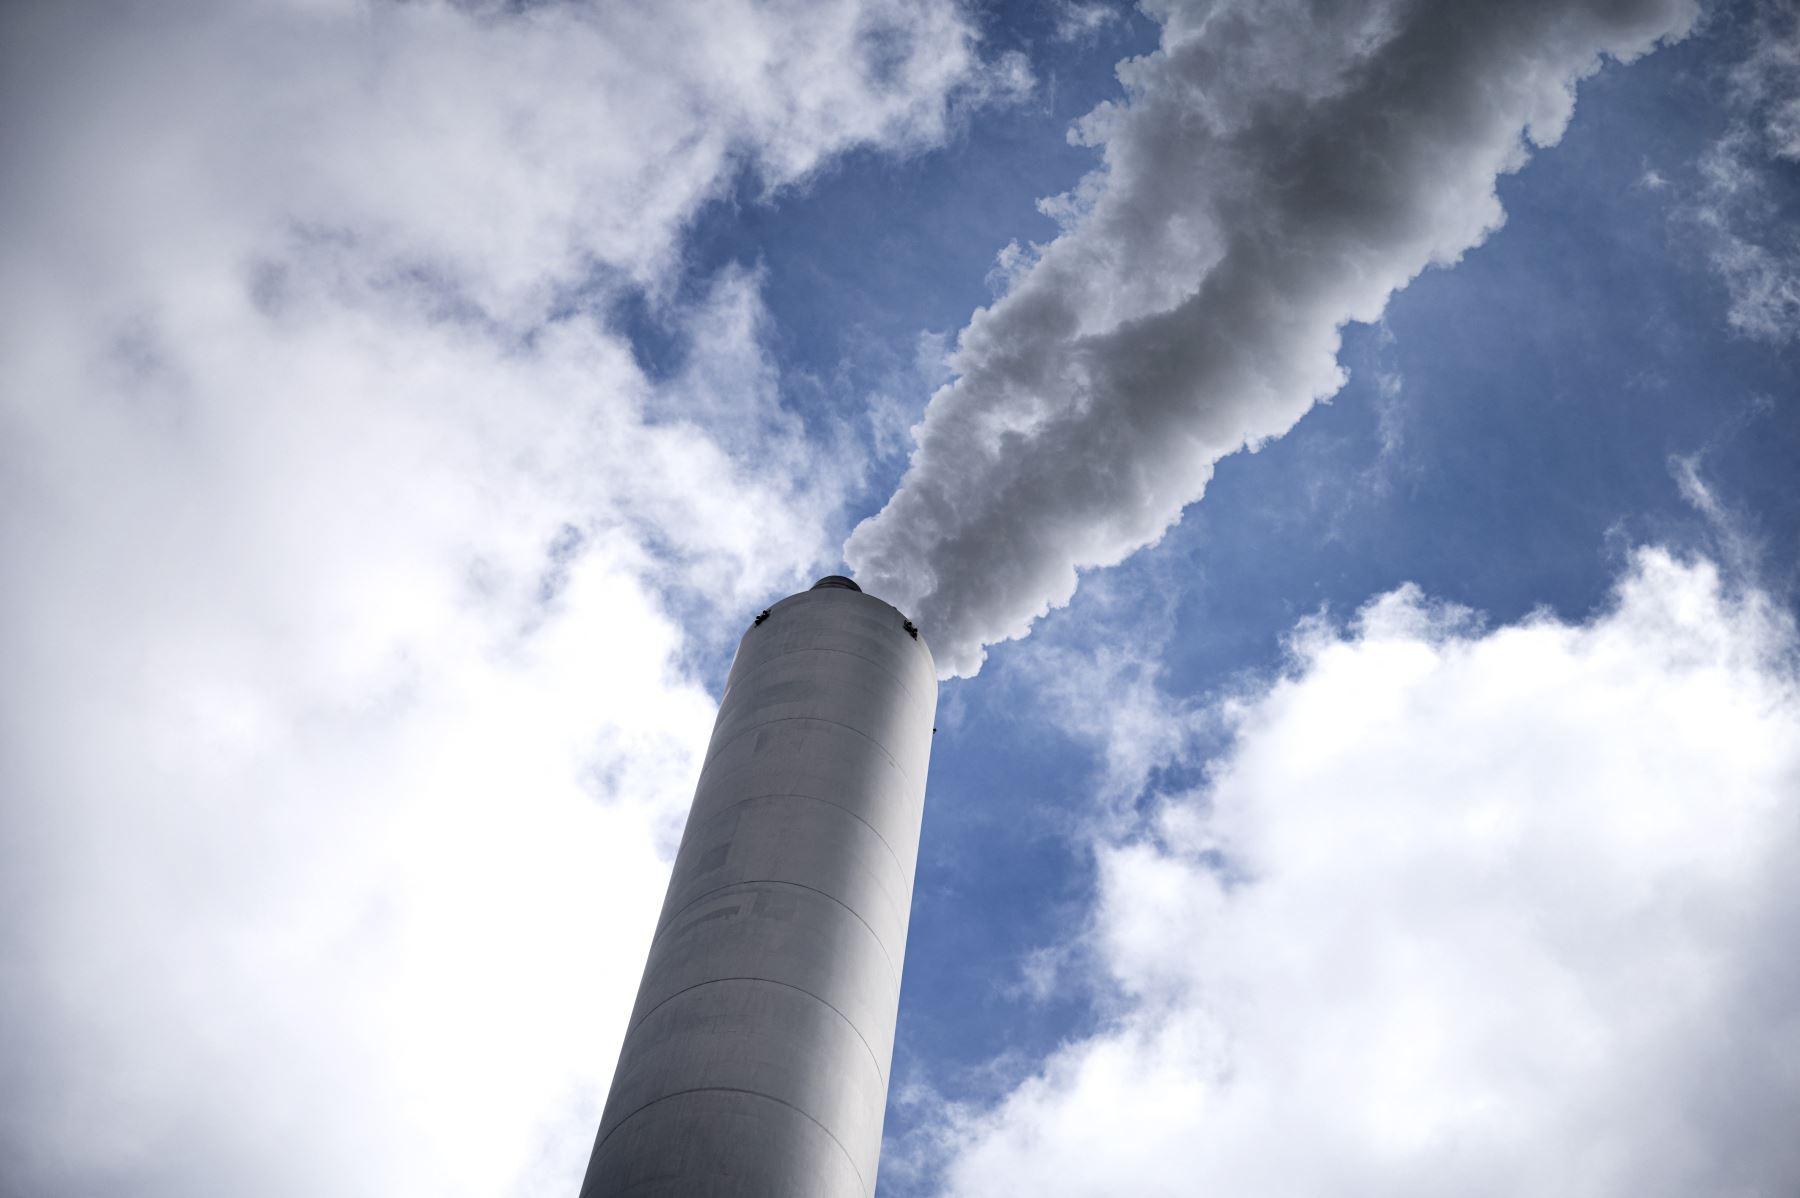 Prevé una reducción del 96% de las emisiones en el sector de los transportes, del 85% en el eléctrico y del 92% en los residuos municipales. Foto: AFP